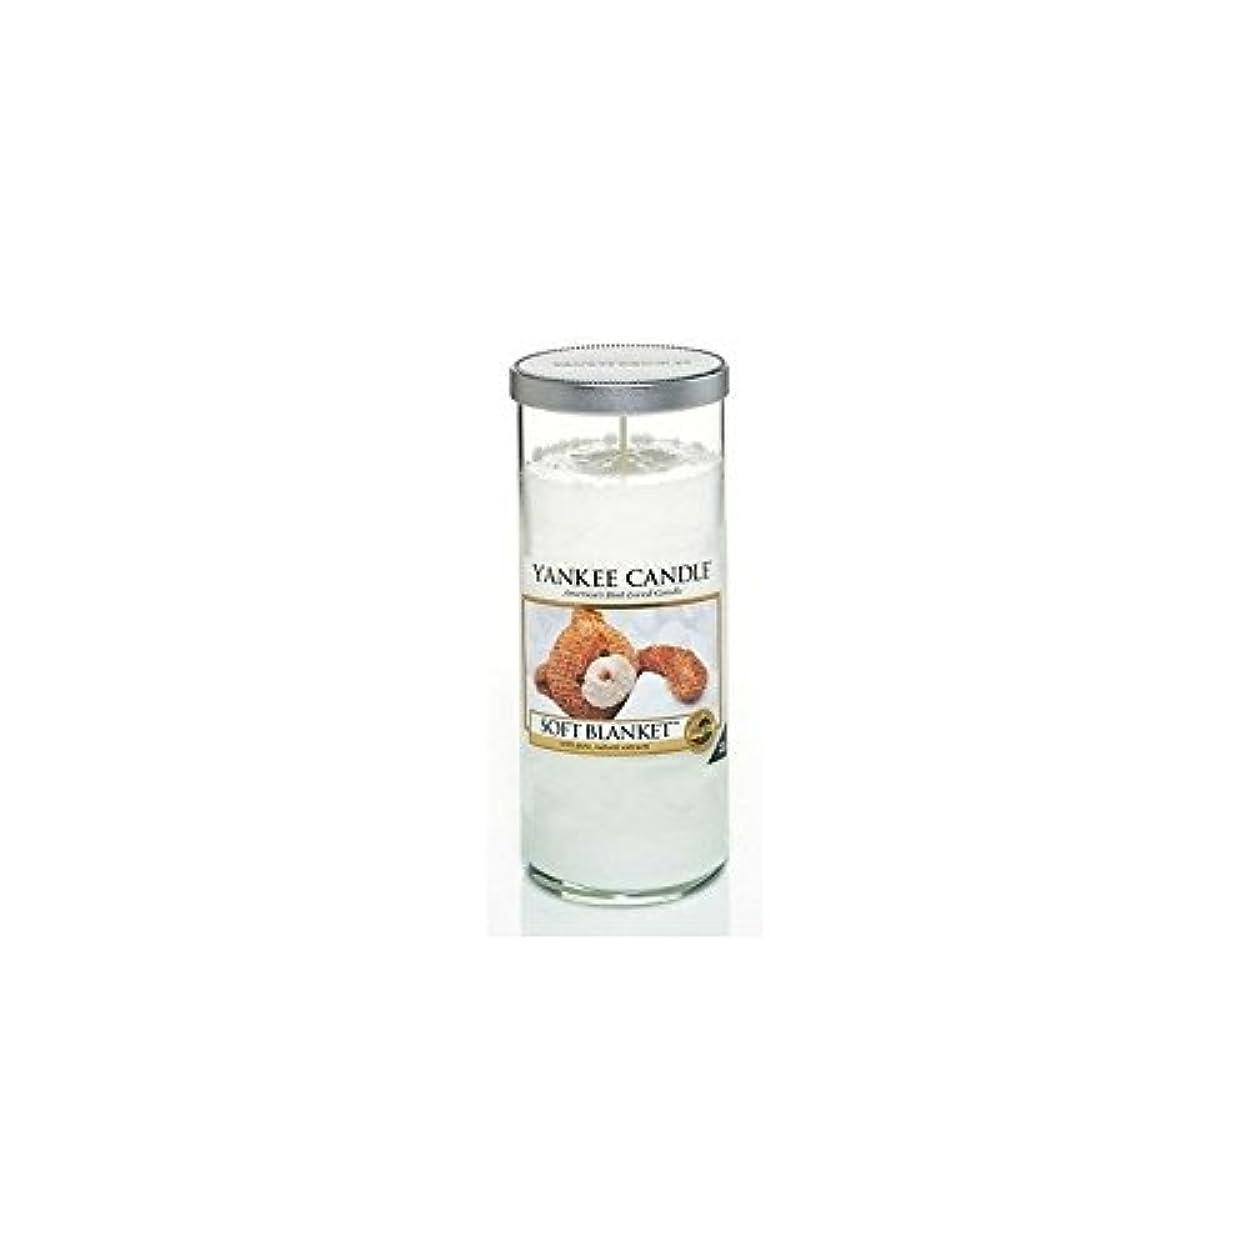 脅迫リフト挨拶するYankee Candles Large Pillar Candle - Soft Blanket (Pack of 2) - ヤンキーキャンドル大きな柱キャンドル - ソフト毛布 (x2) [並行輸入品]